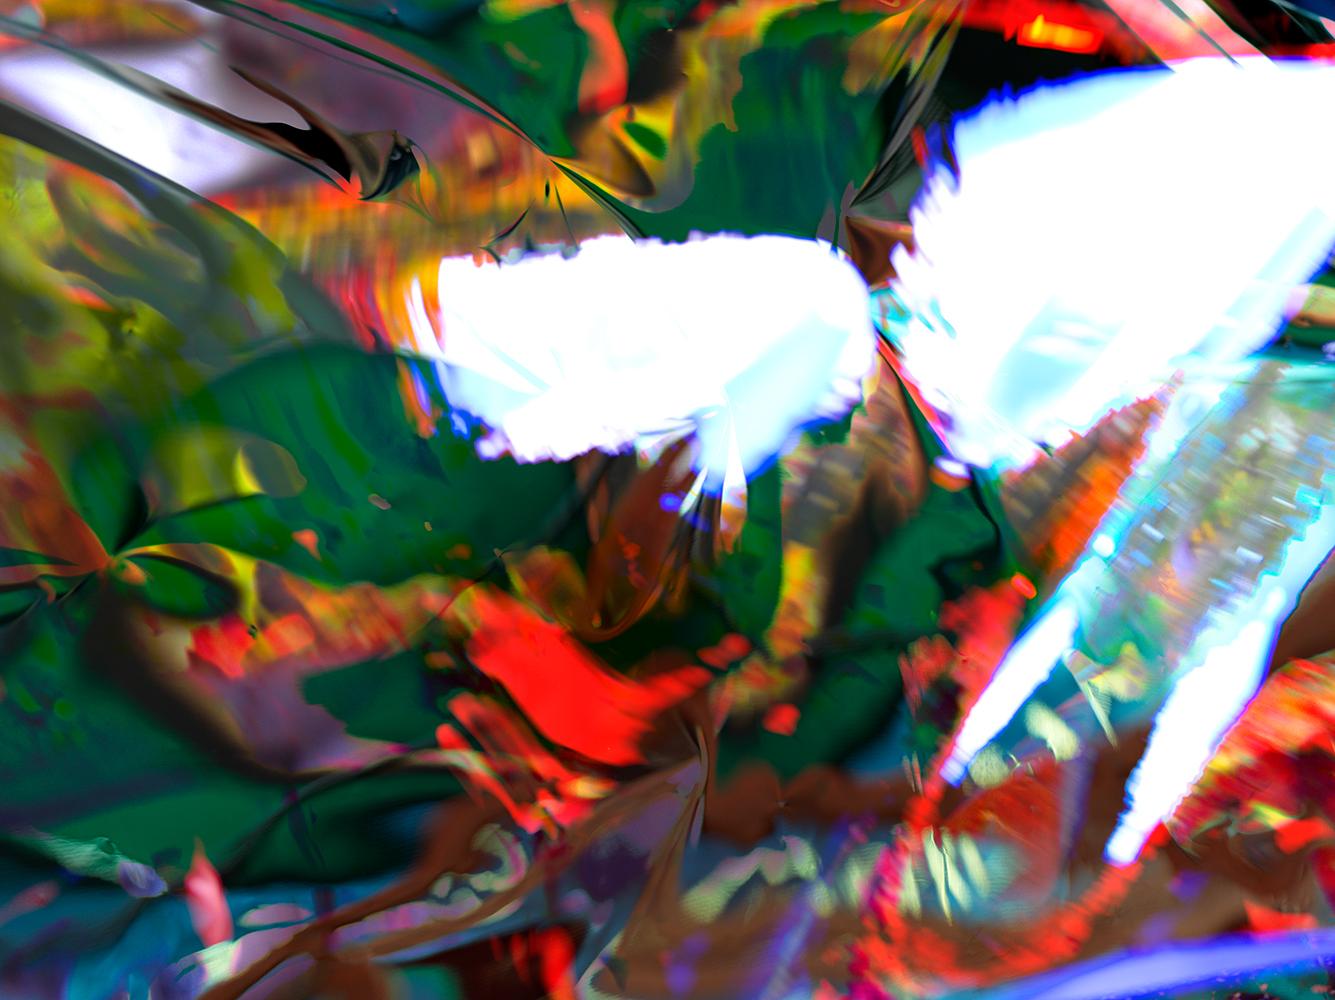 Elias Wessel  Hinter den Dingen 4 , 2017  Color Photograph  Original: 180 x 240.3 cm